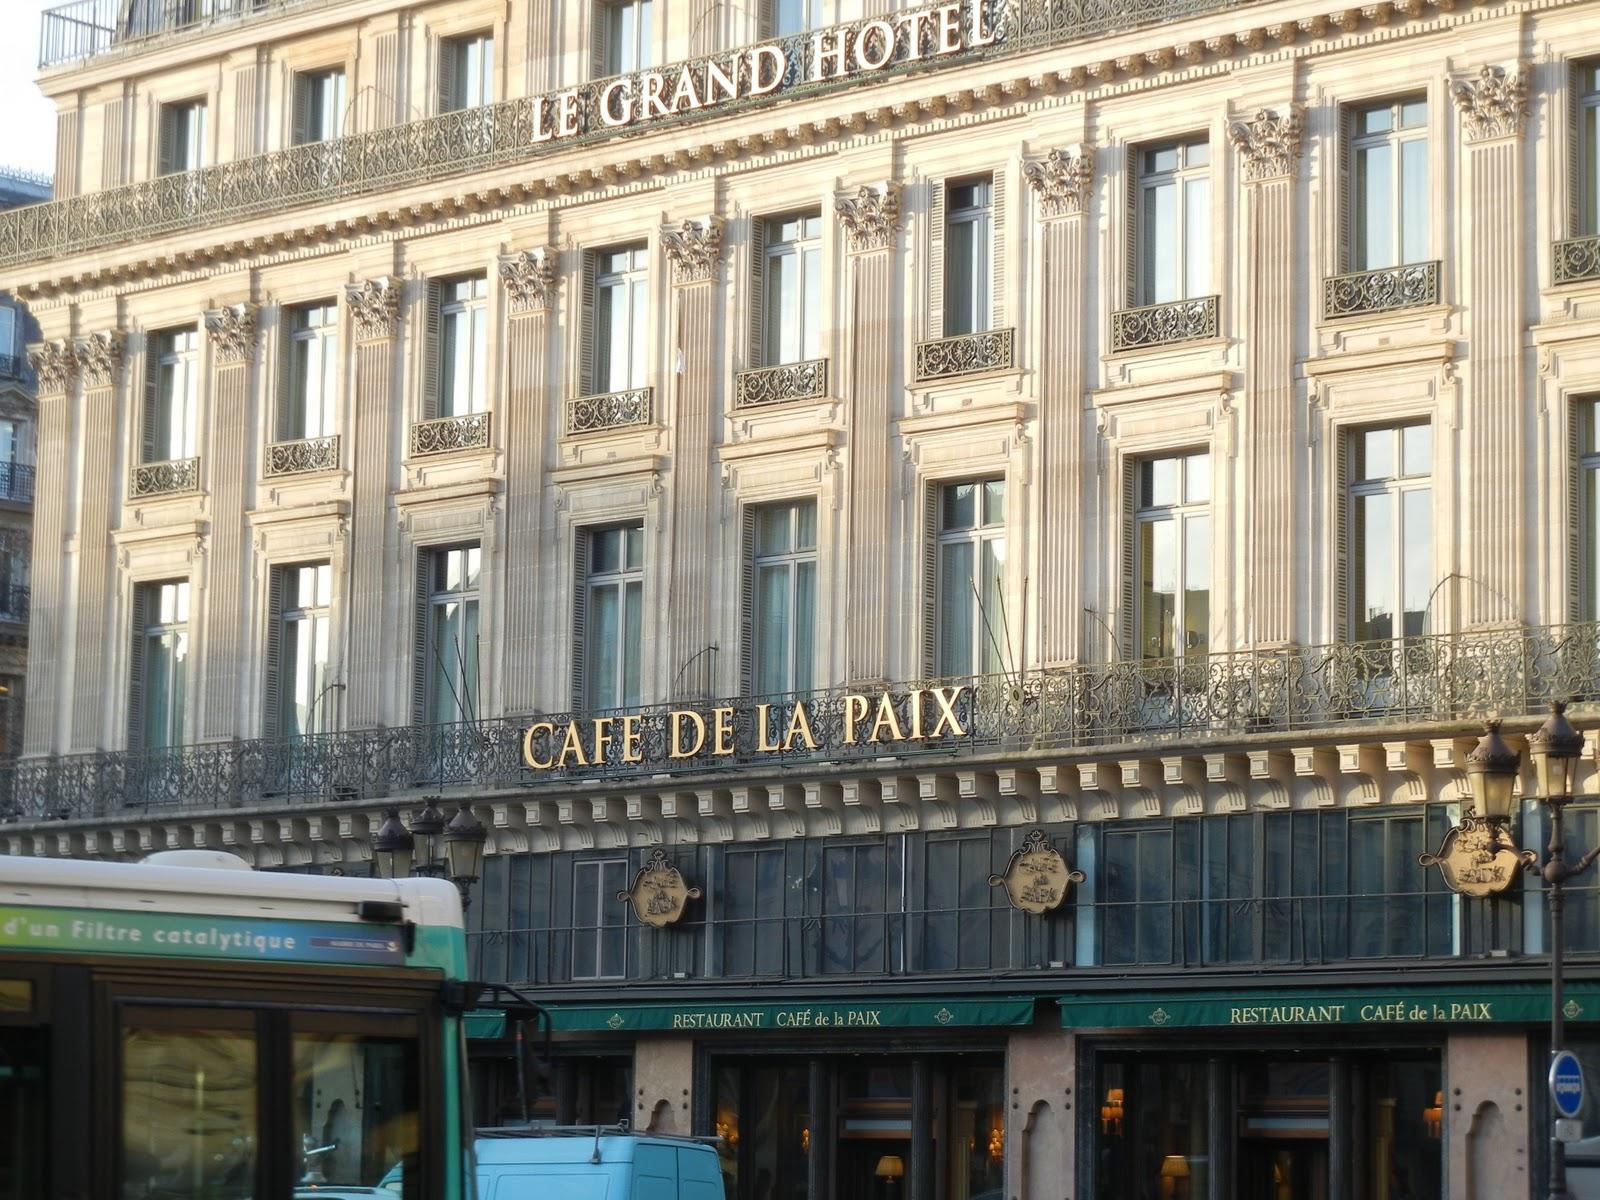 le grand café parijs